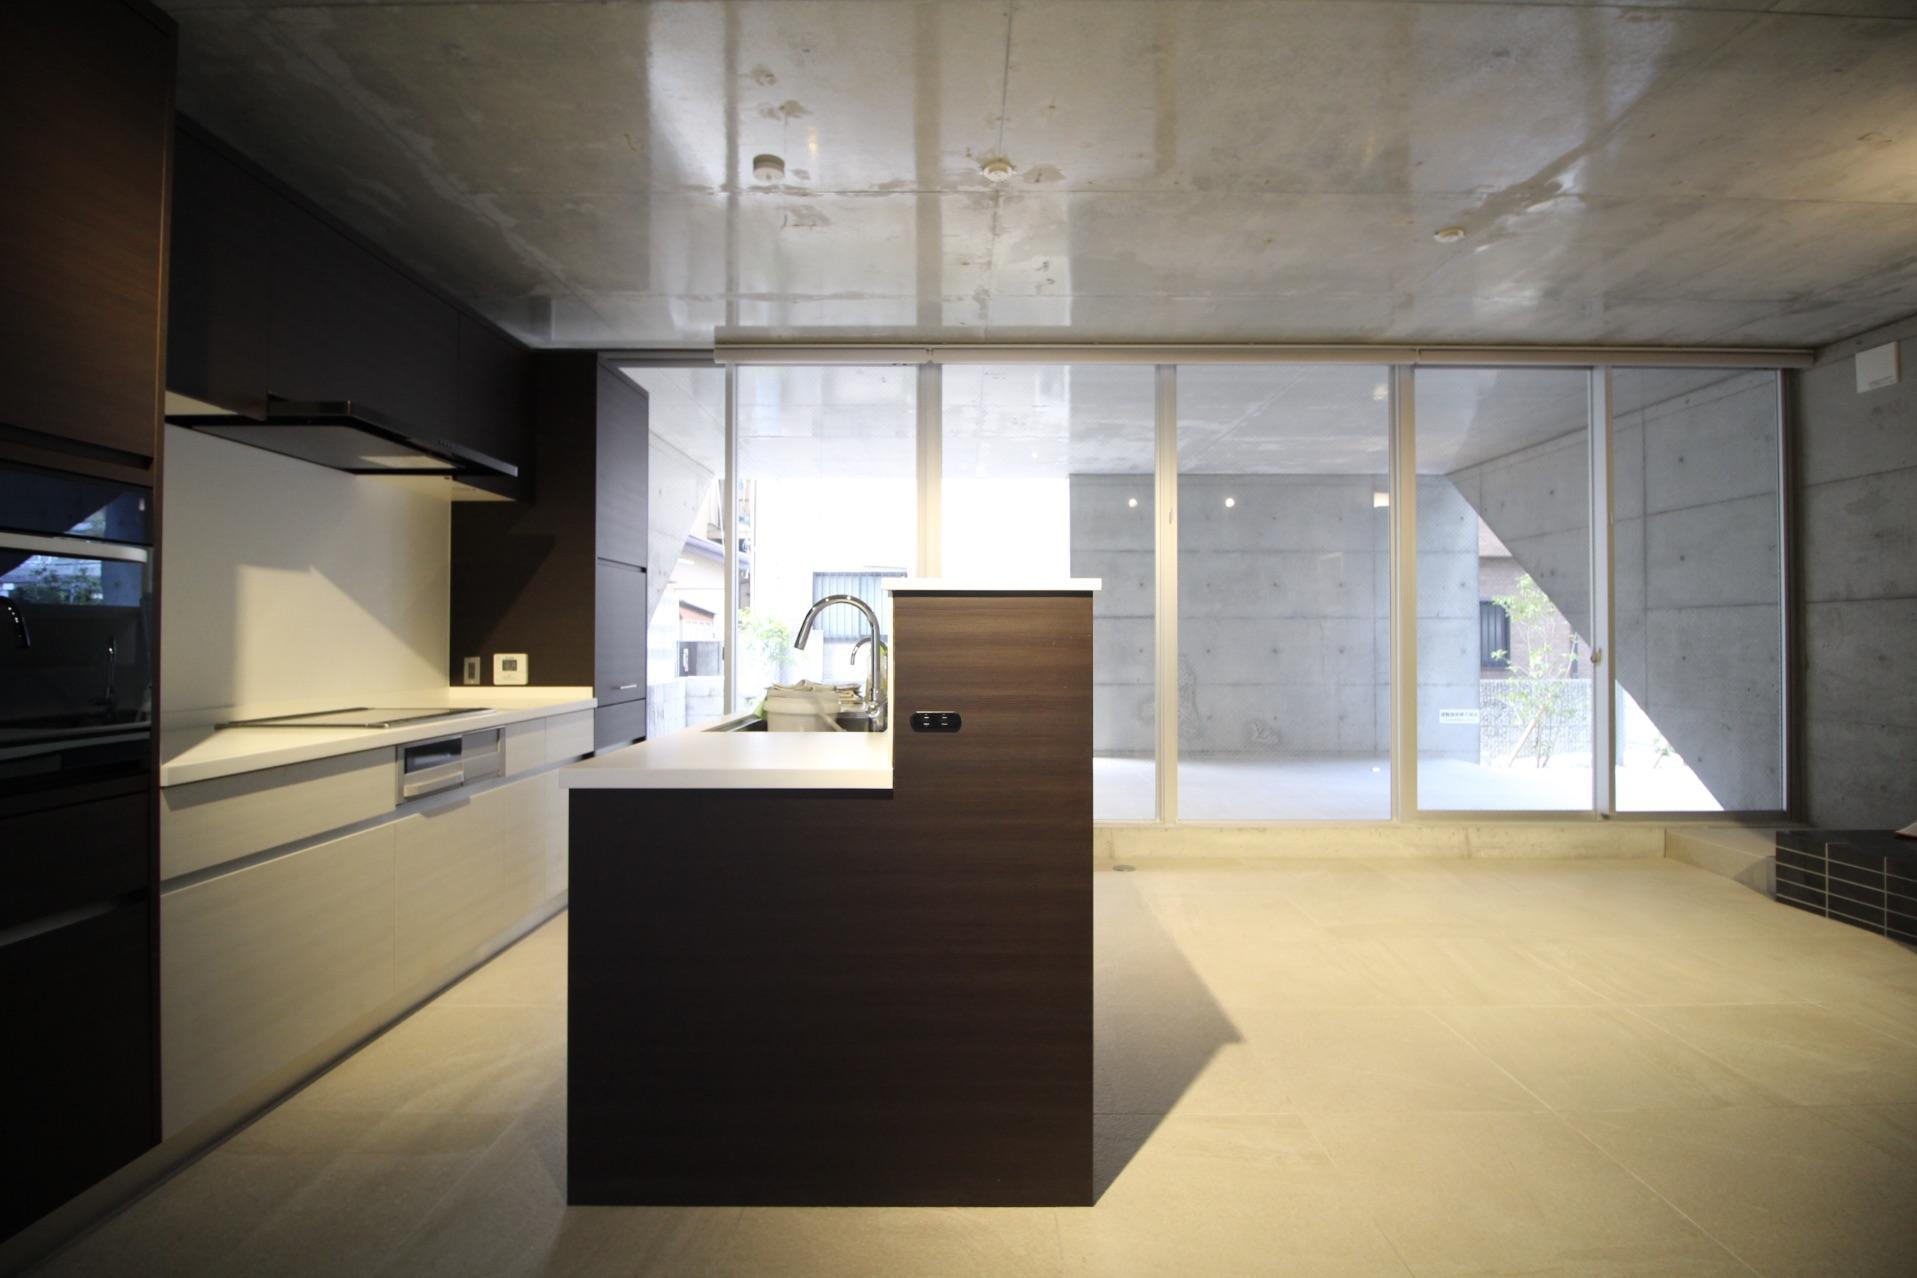 違和感なく空間に溶け込むカウンターキッチン